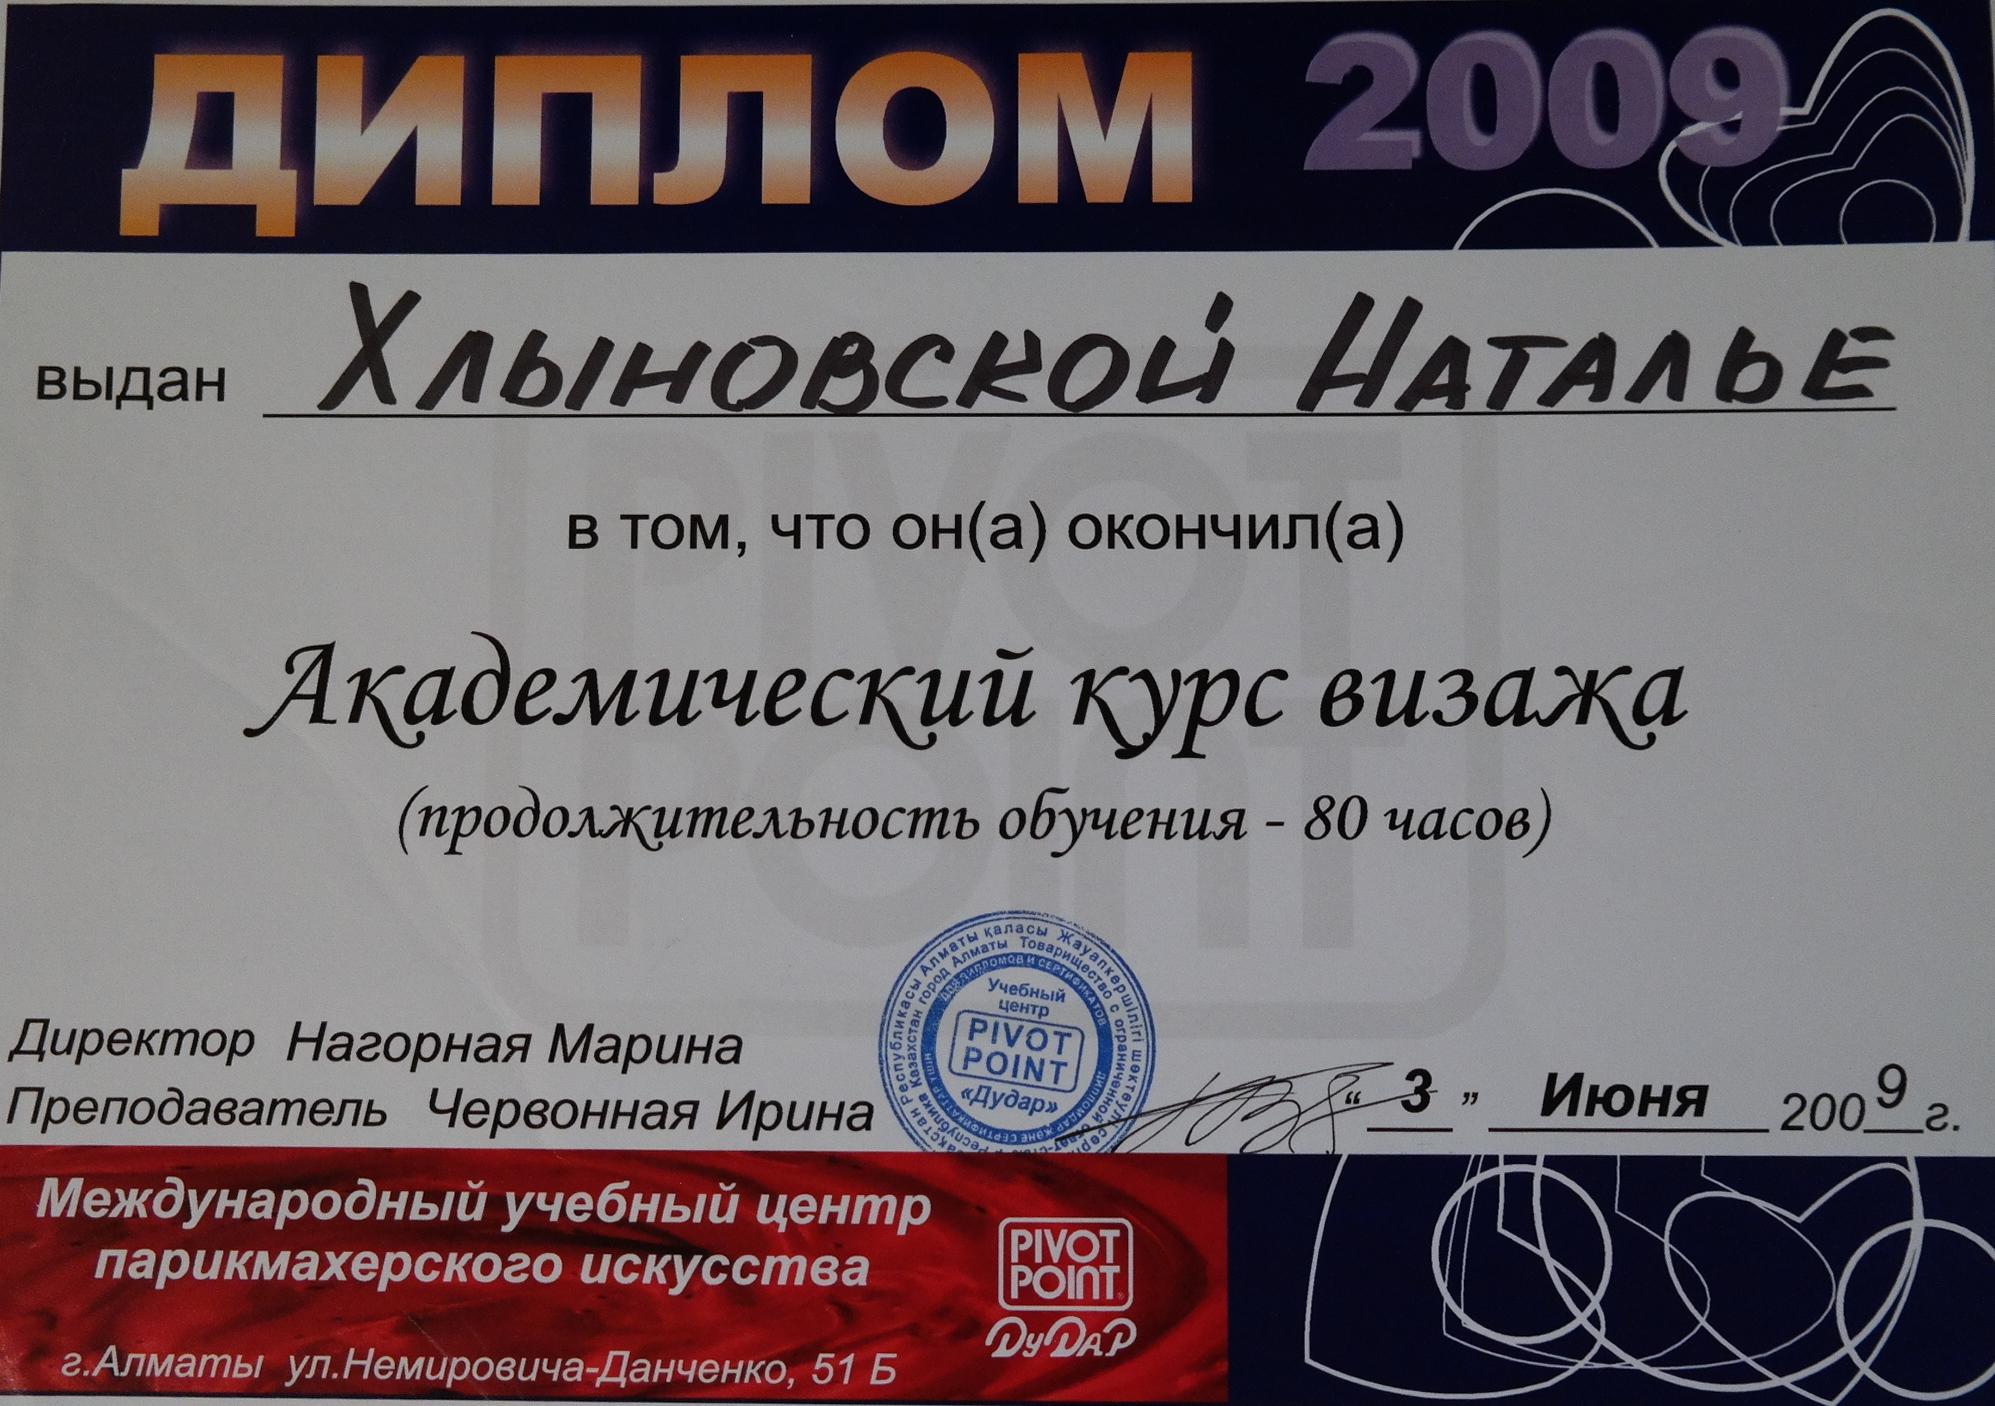 2009г Академический курс визажа